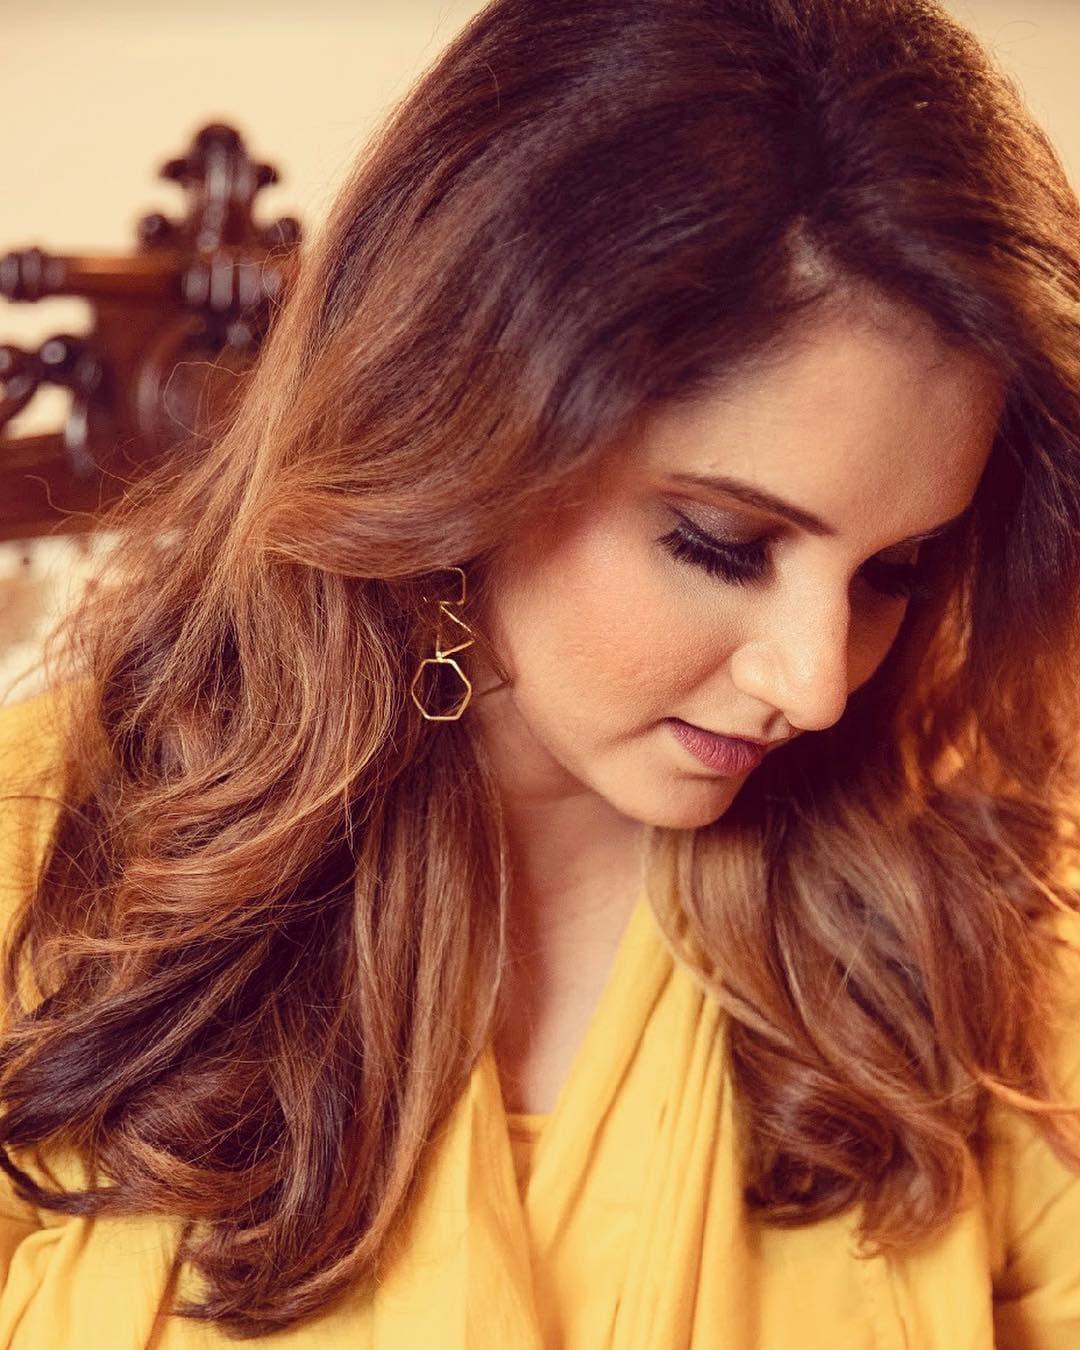 సానియా మీర్జా (Photo: mirzasaniar/Instagram)